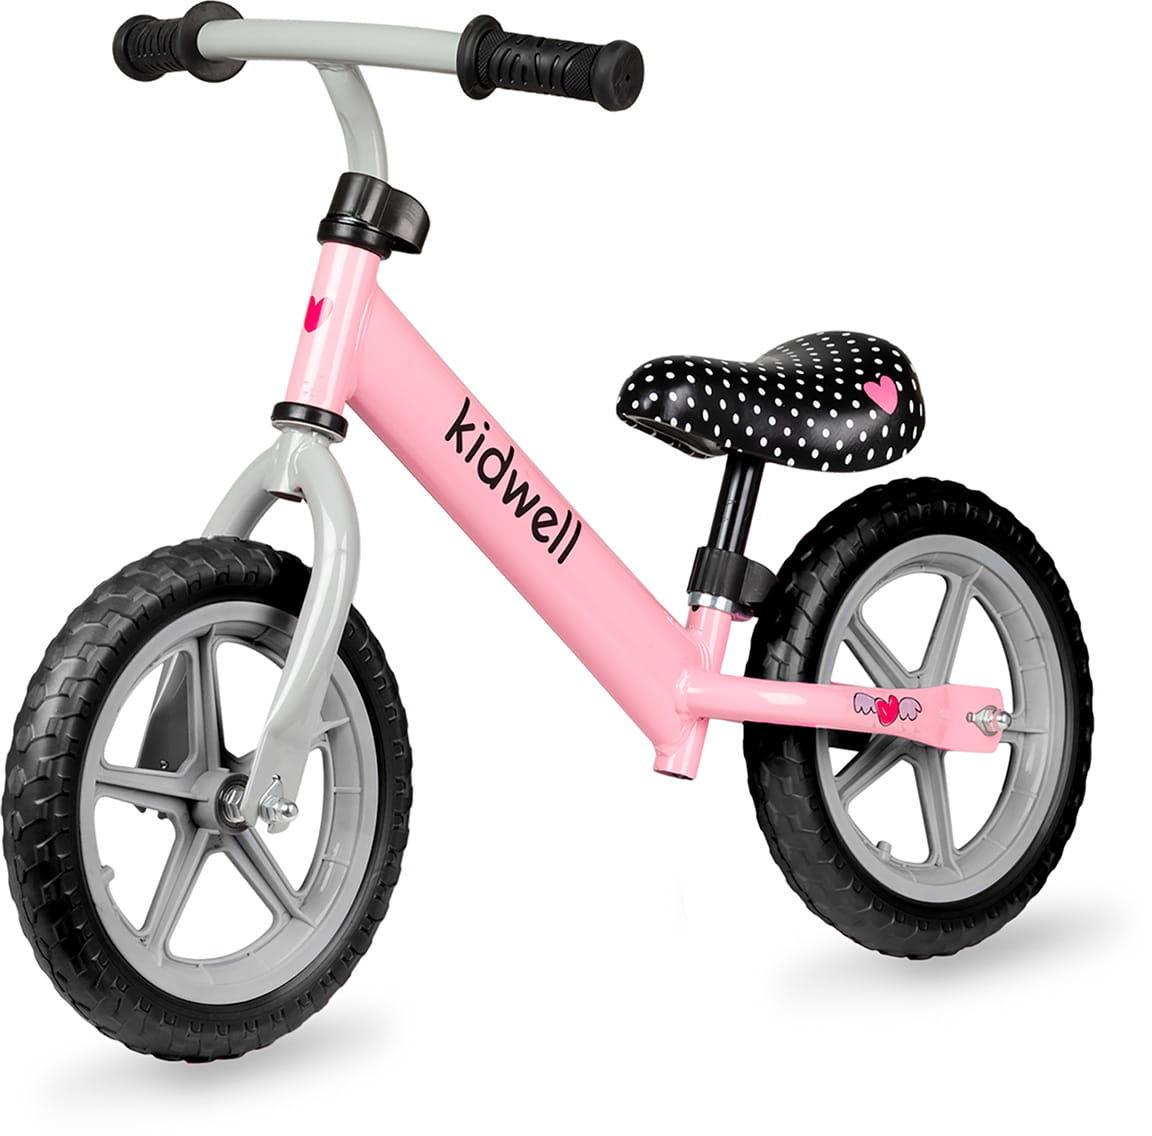 Rowerek biegowy REBEL pink dla dziewczynki